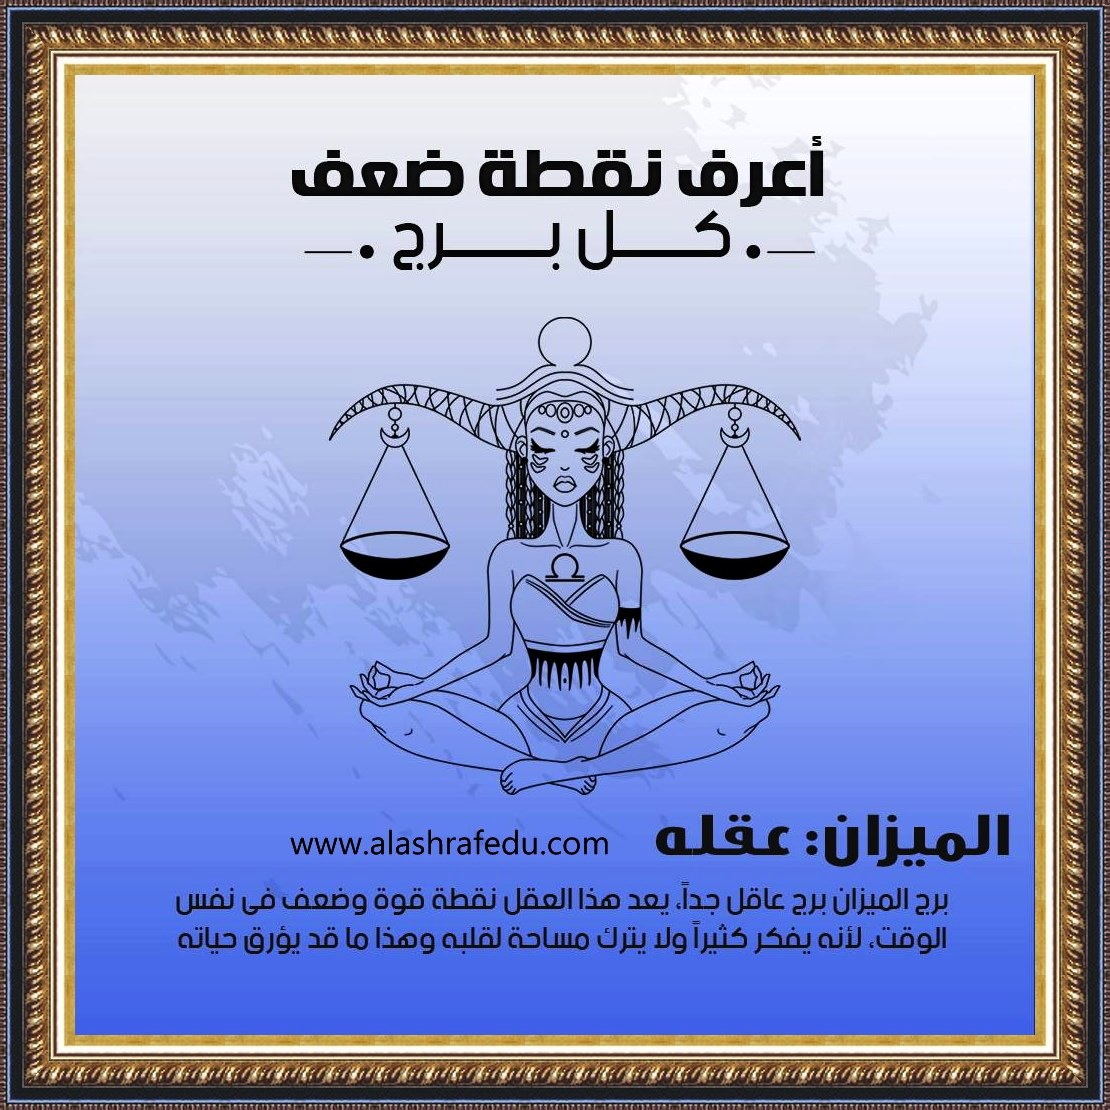 أعرف نقطة 2020 الميزان عقله www.alashrafedu.com1